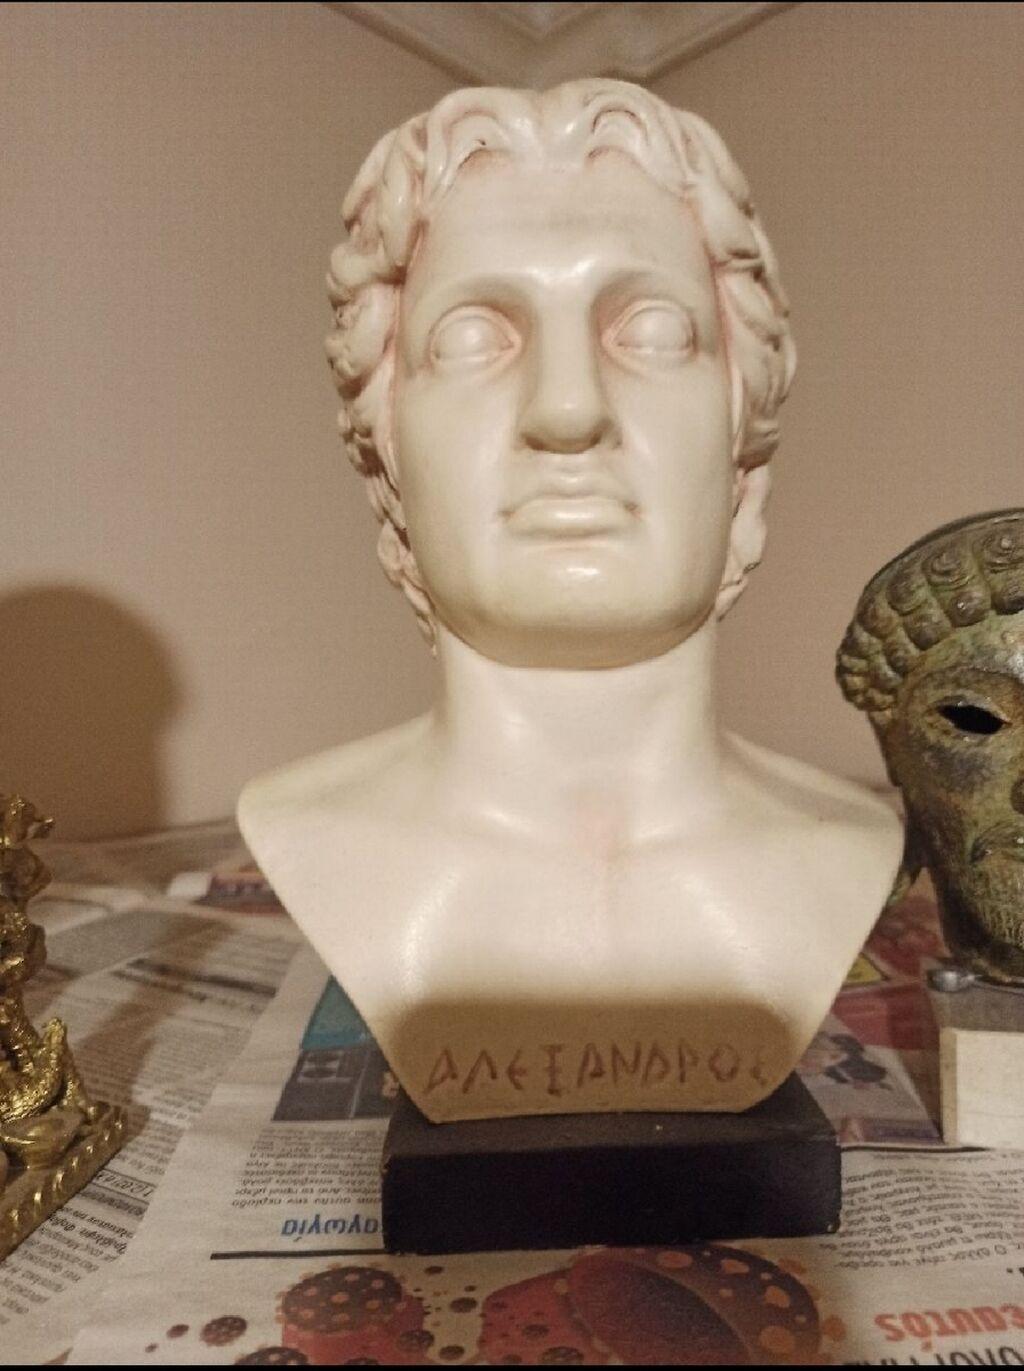 Φιγούρες - Αθήνα: Γύψινη προτομή Μεγάλου Αλεξάνδρου